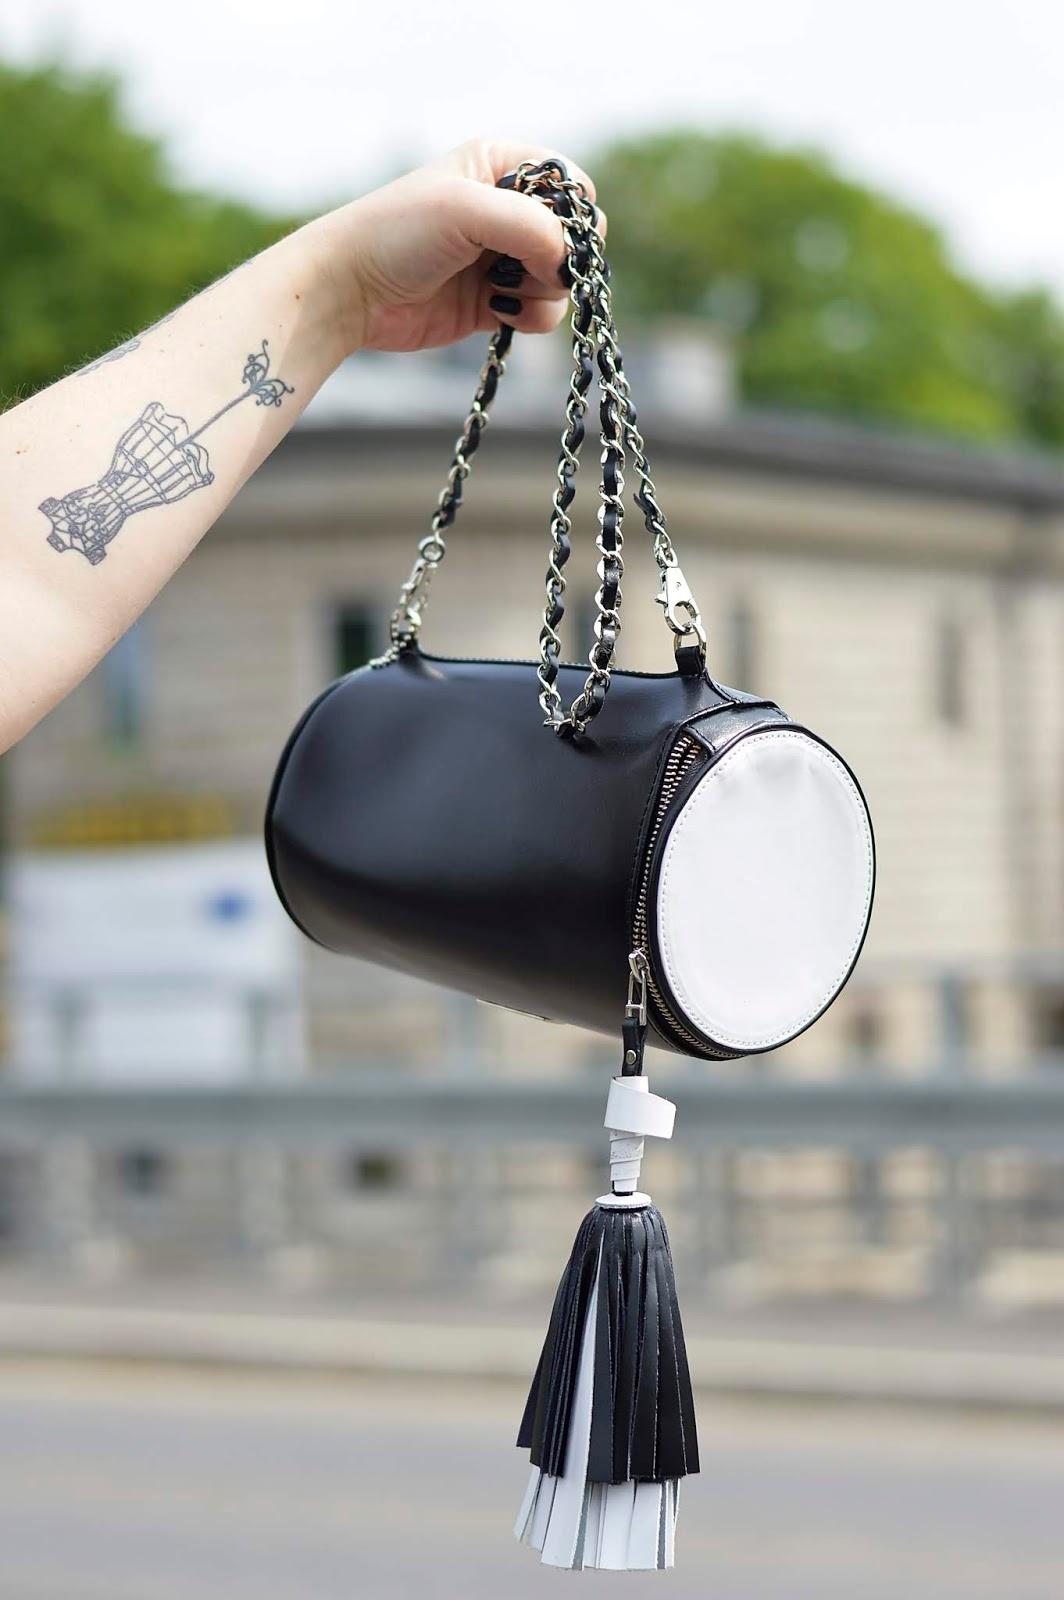 Black and white fashion,  Detalis, Bag